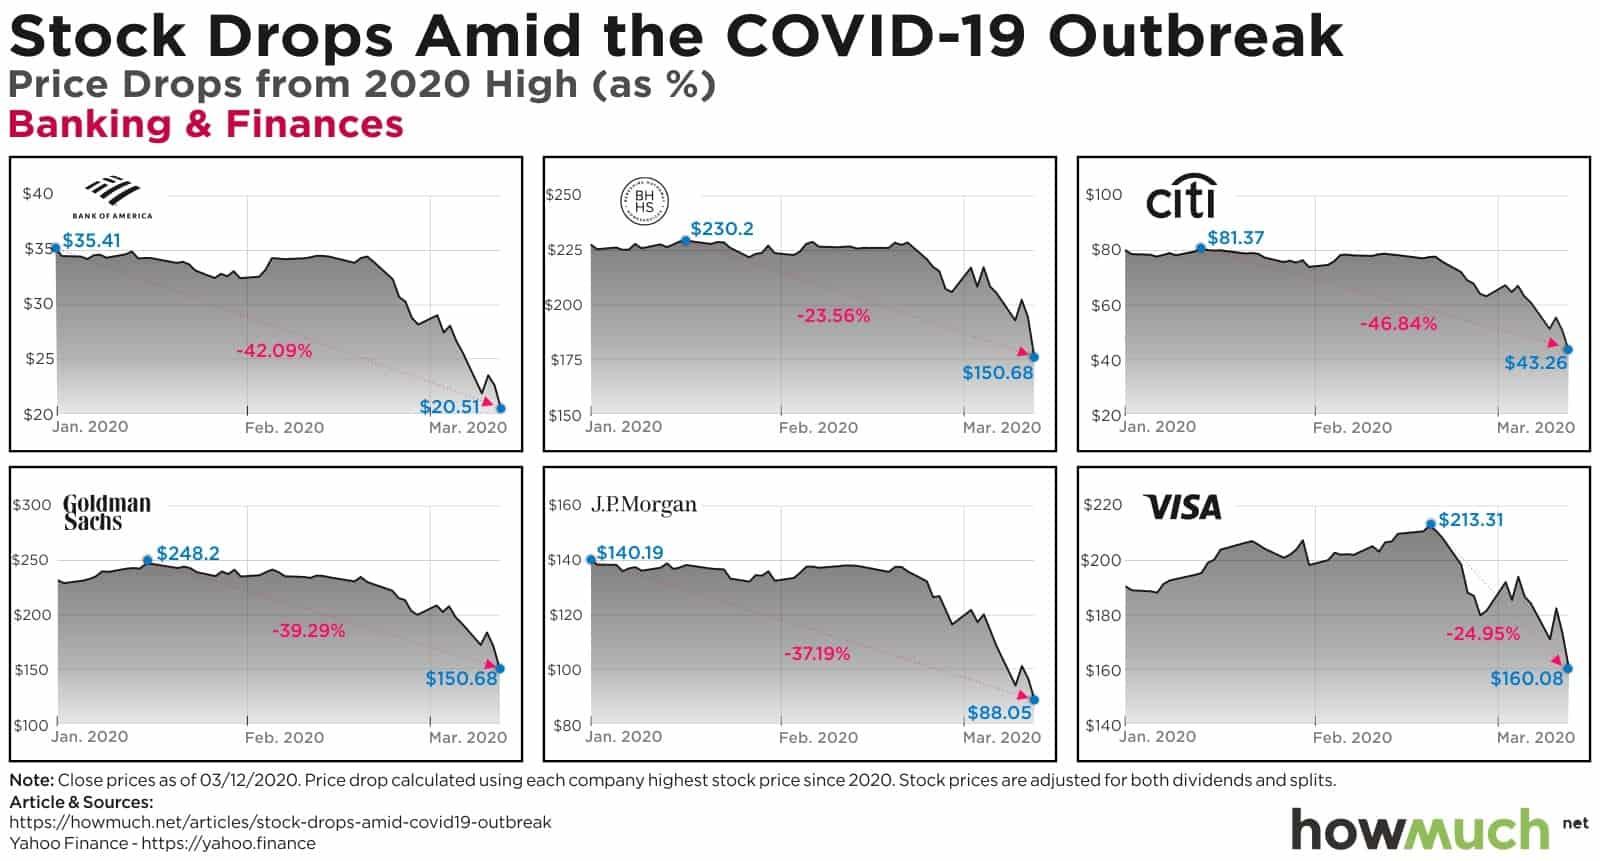 EEUU valores desplome covid-19 - 04